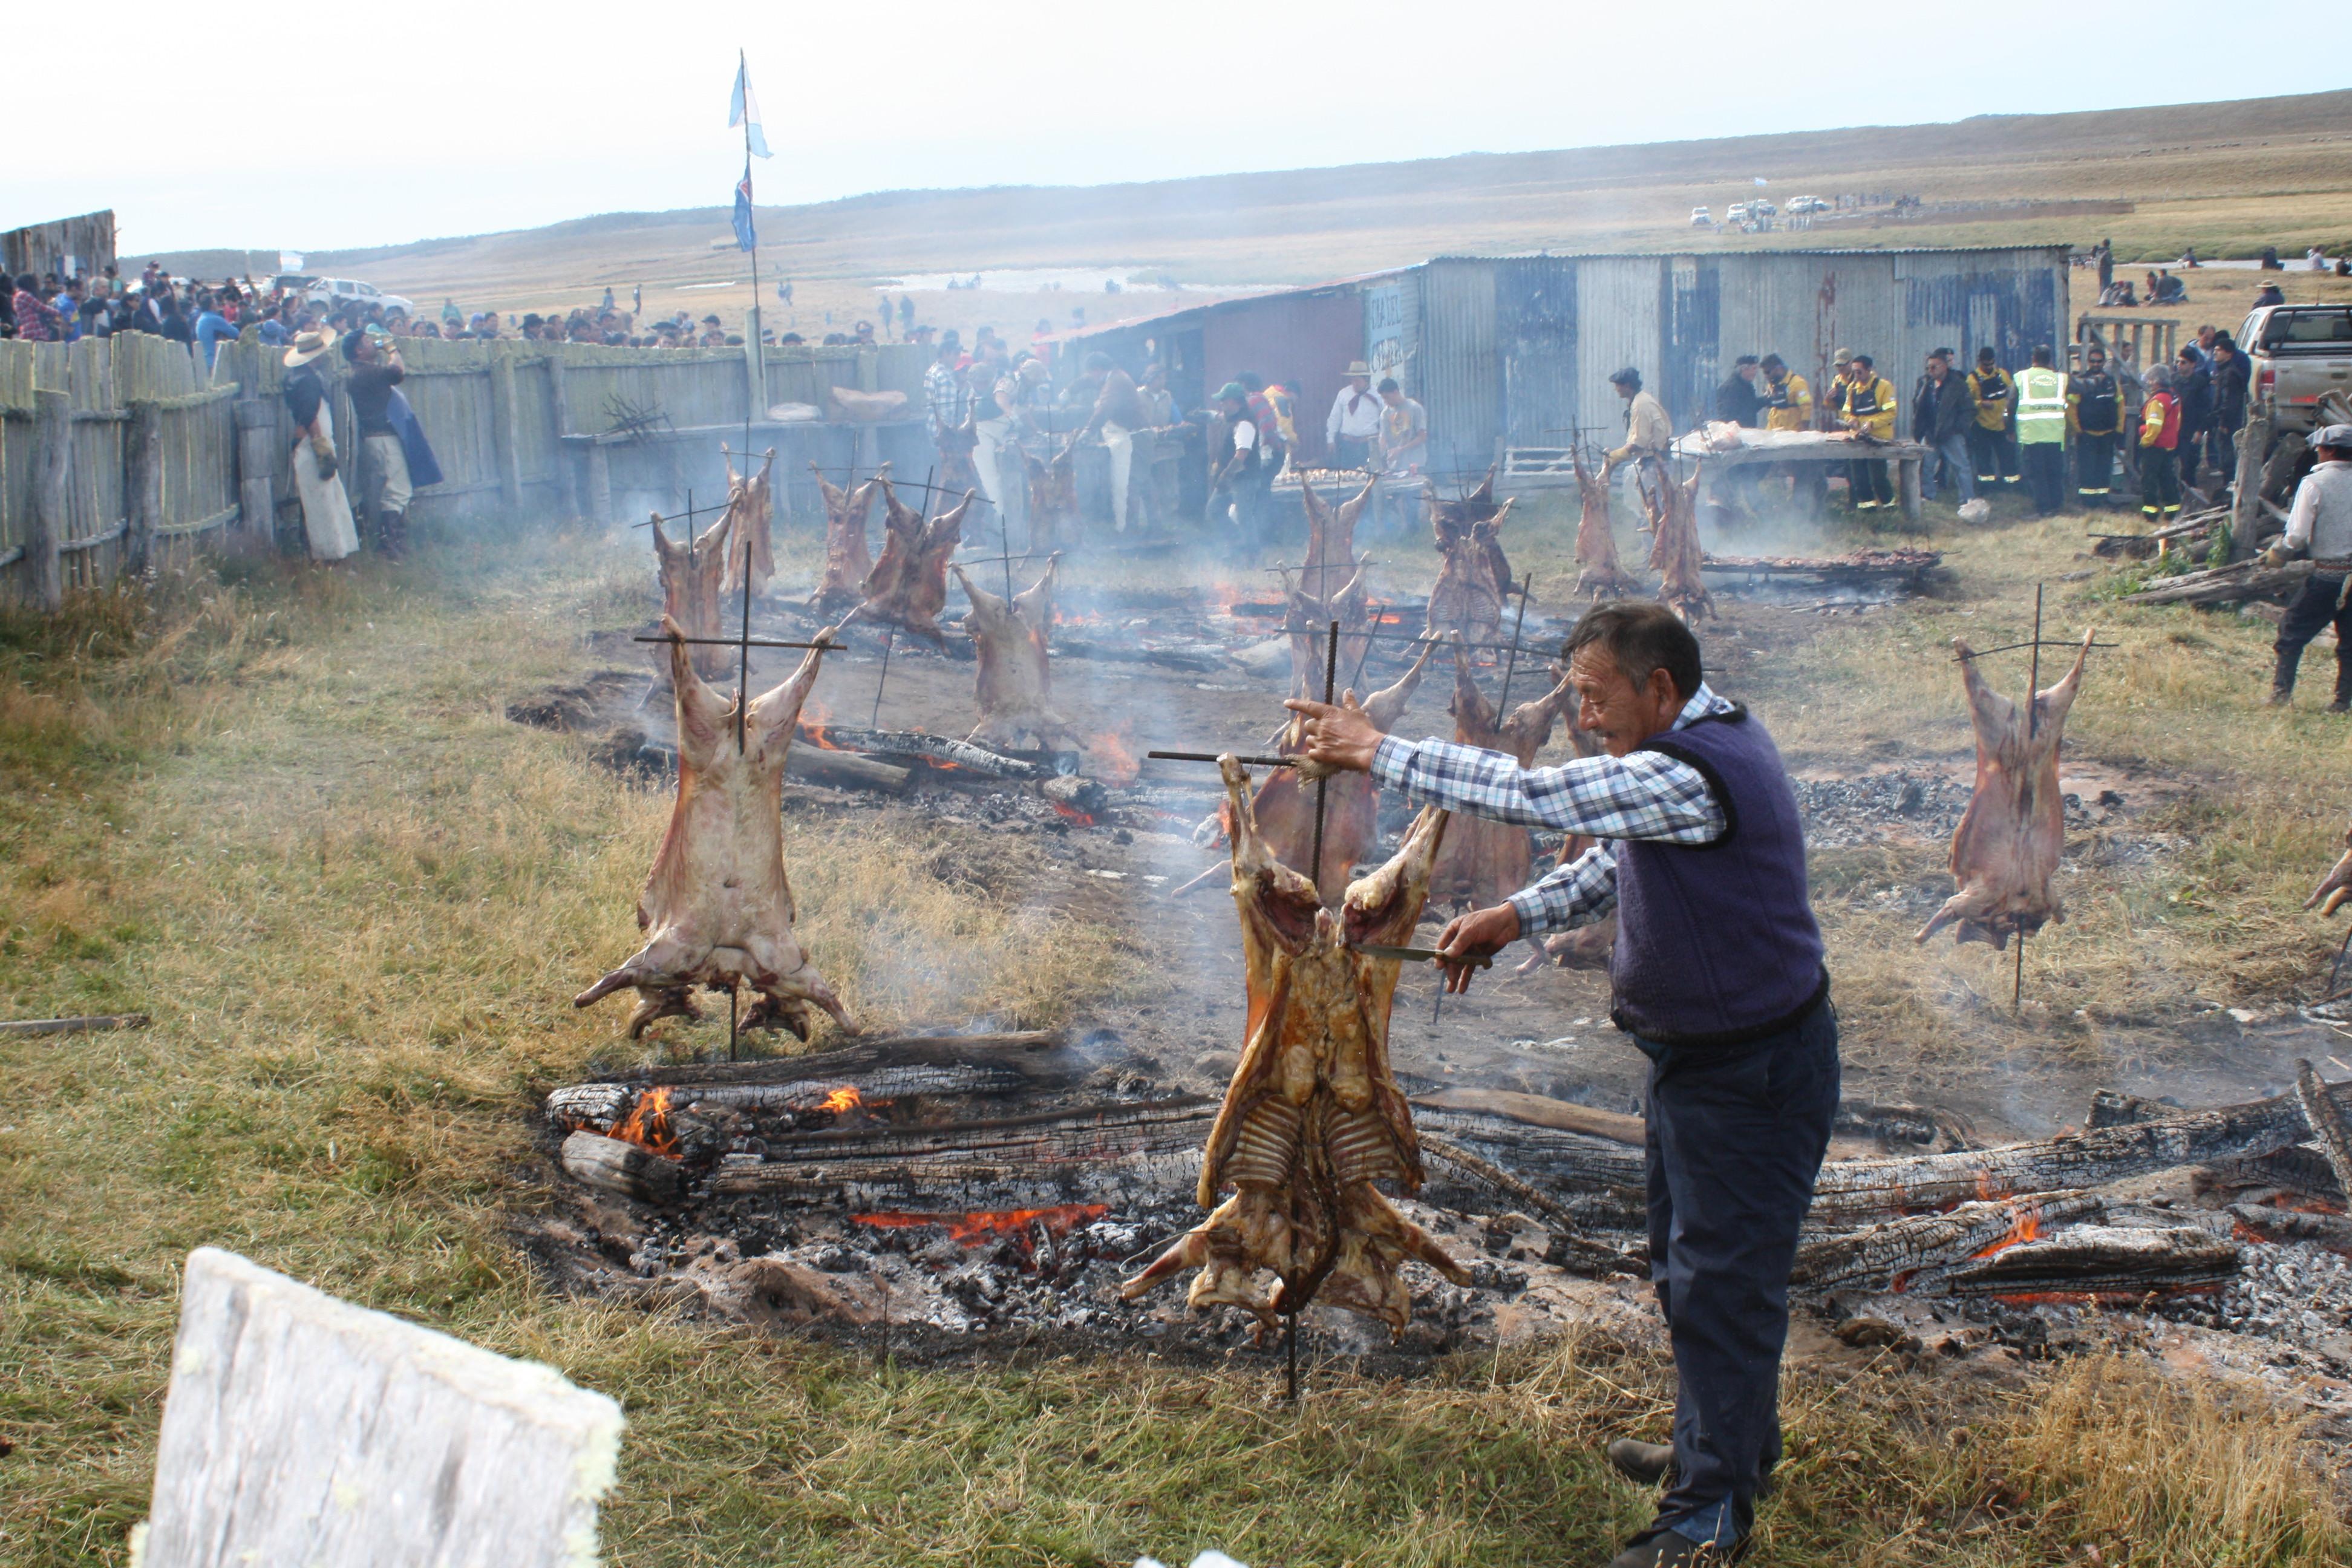 Como siempre, el evento tiene al asado de cordero patagónico como uno de sus principales atractivos.